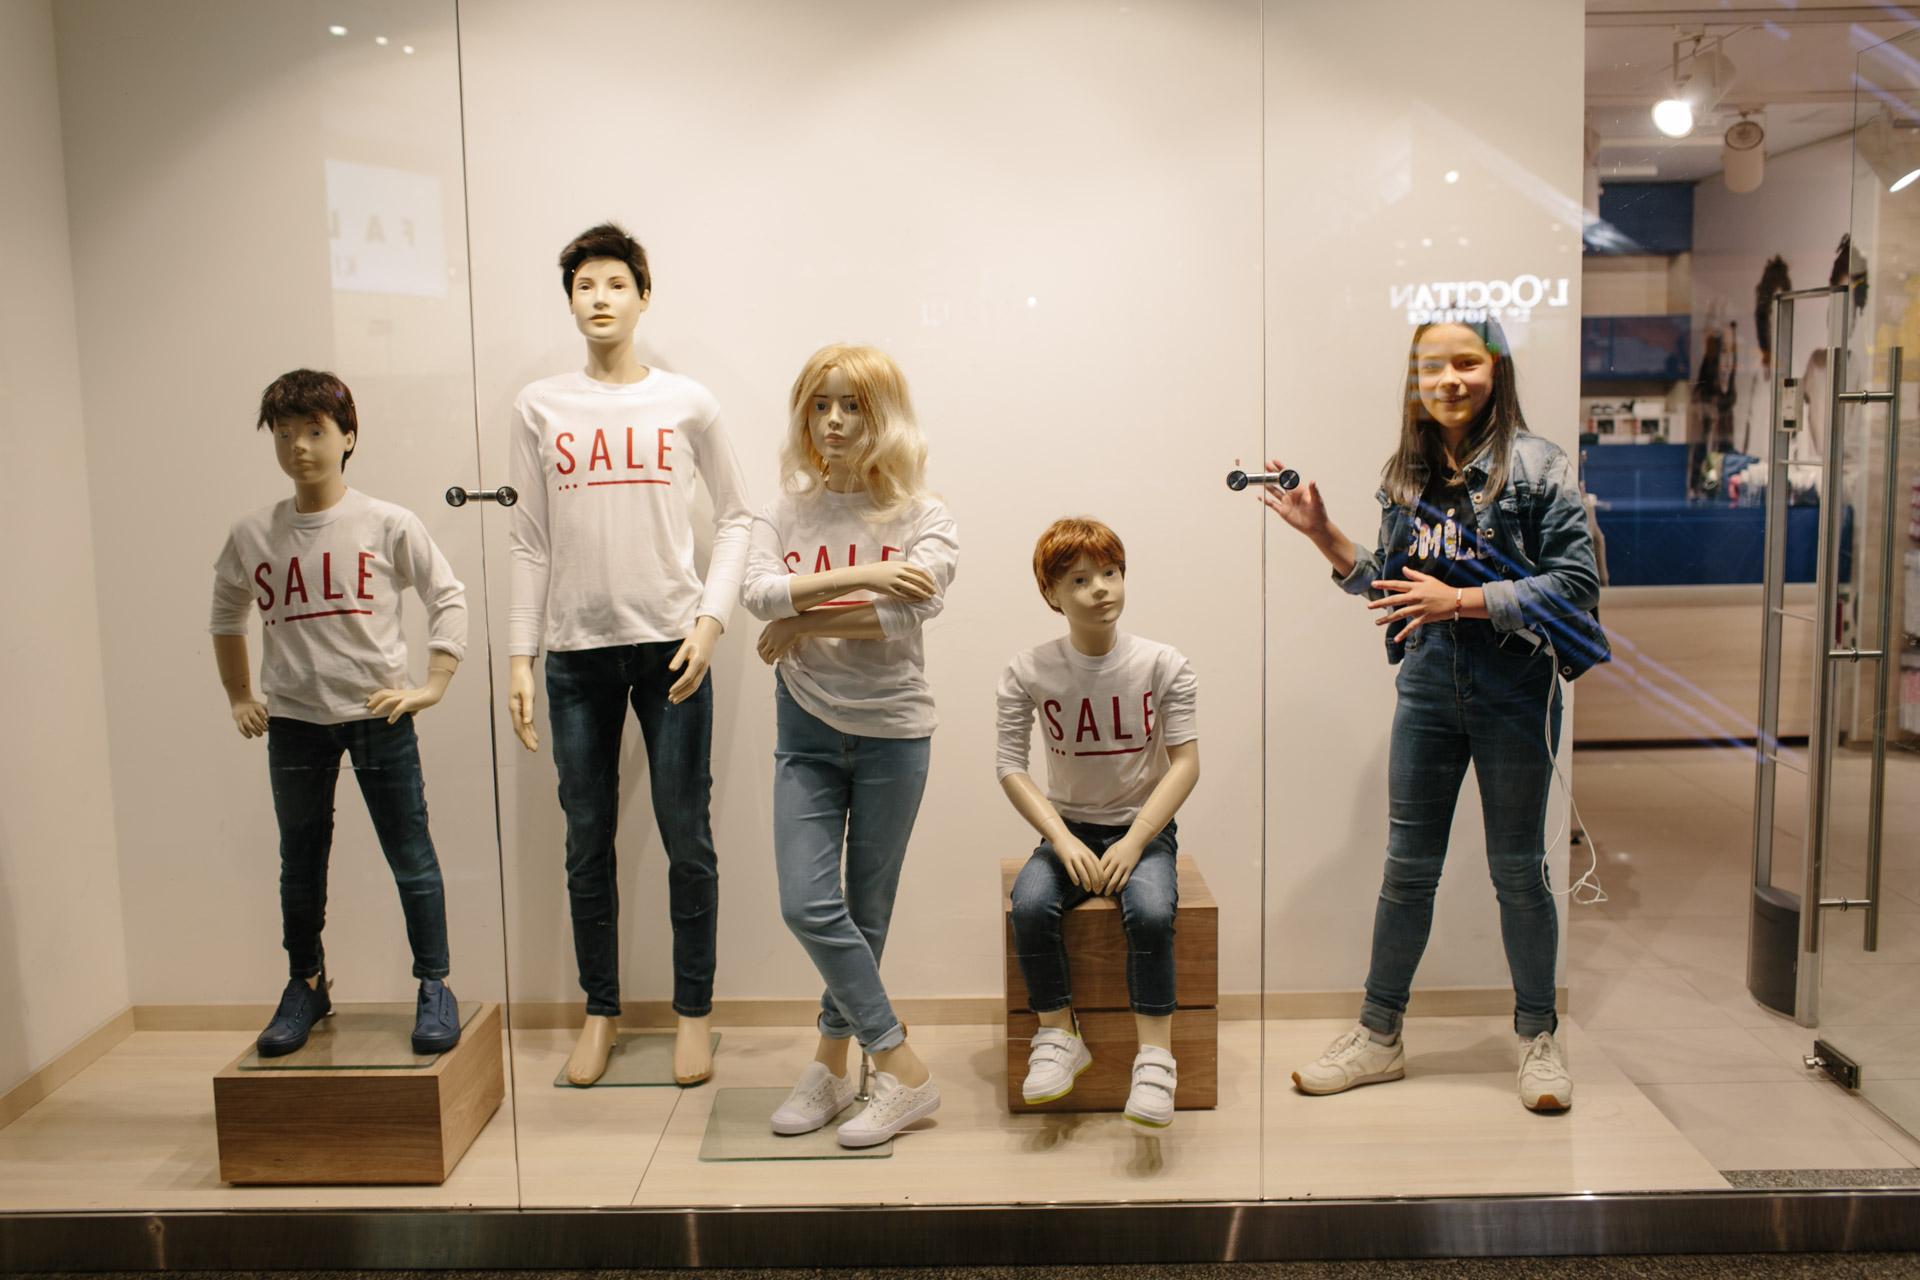 Это витрина магазина в торговом центре. Четыре манекена в белых футболках с надписями «SALE» и Ульяна делает вид, что она тоже манекен, но на ней джинсовая куртка и чёрная футболка с другой надписью. Чайник кипит.